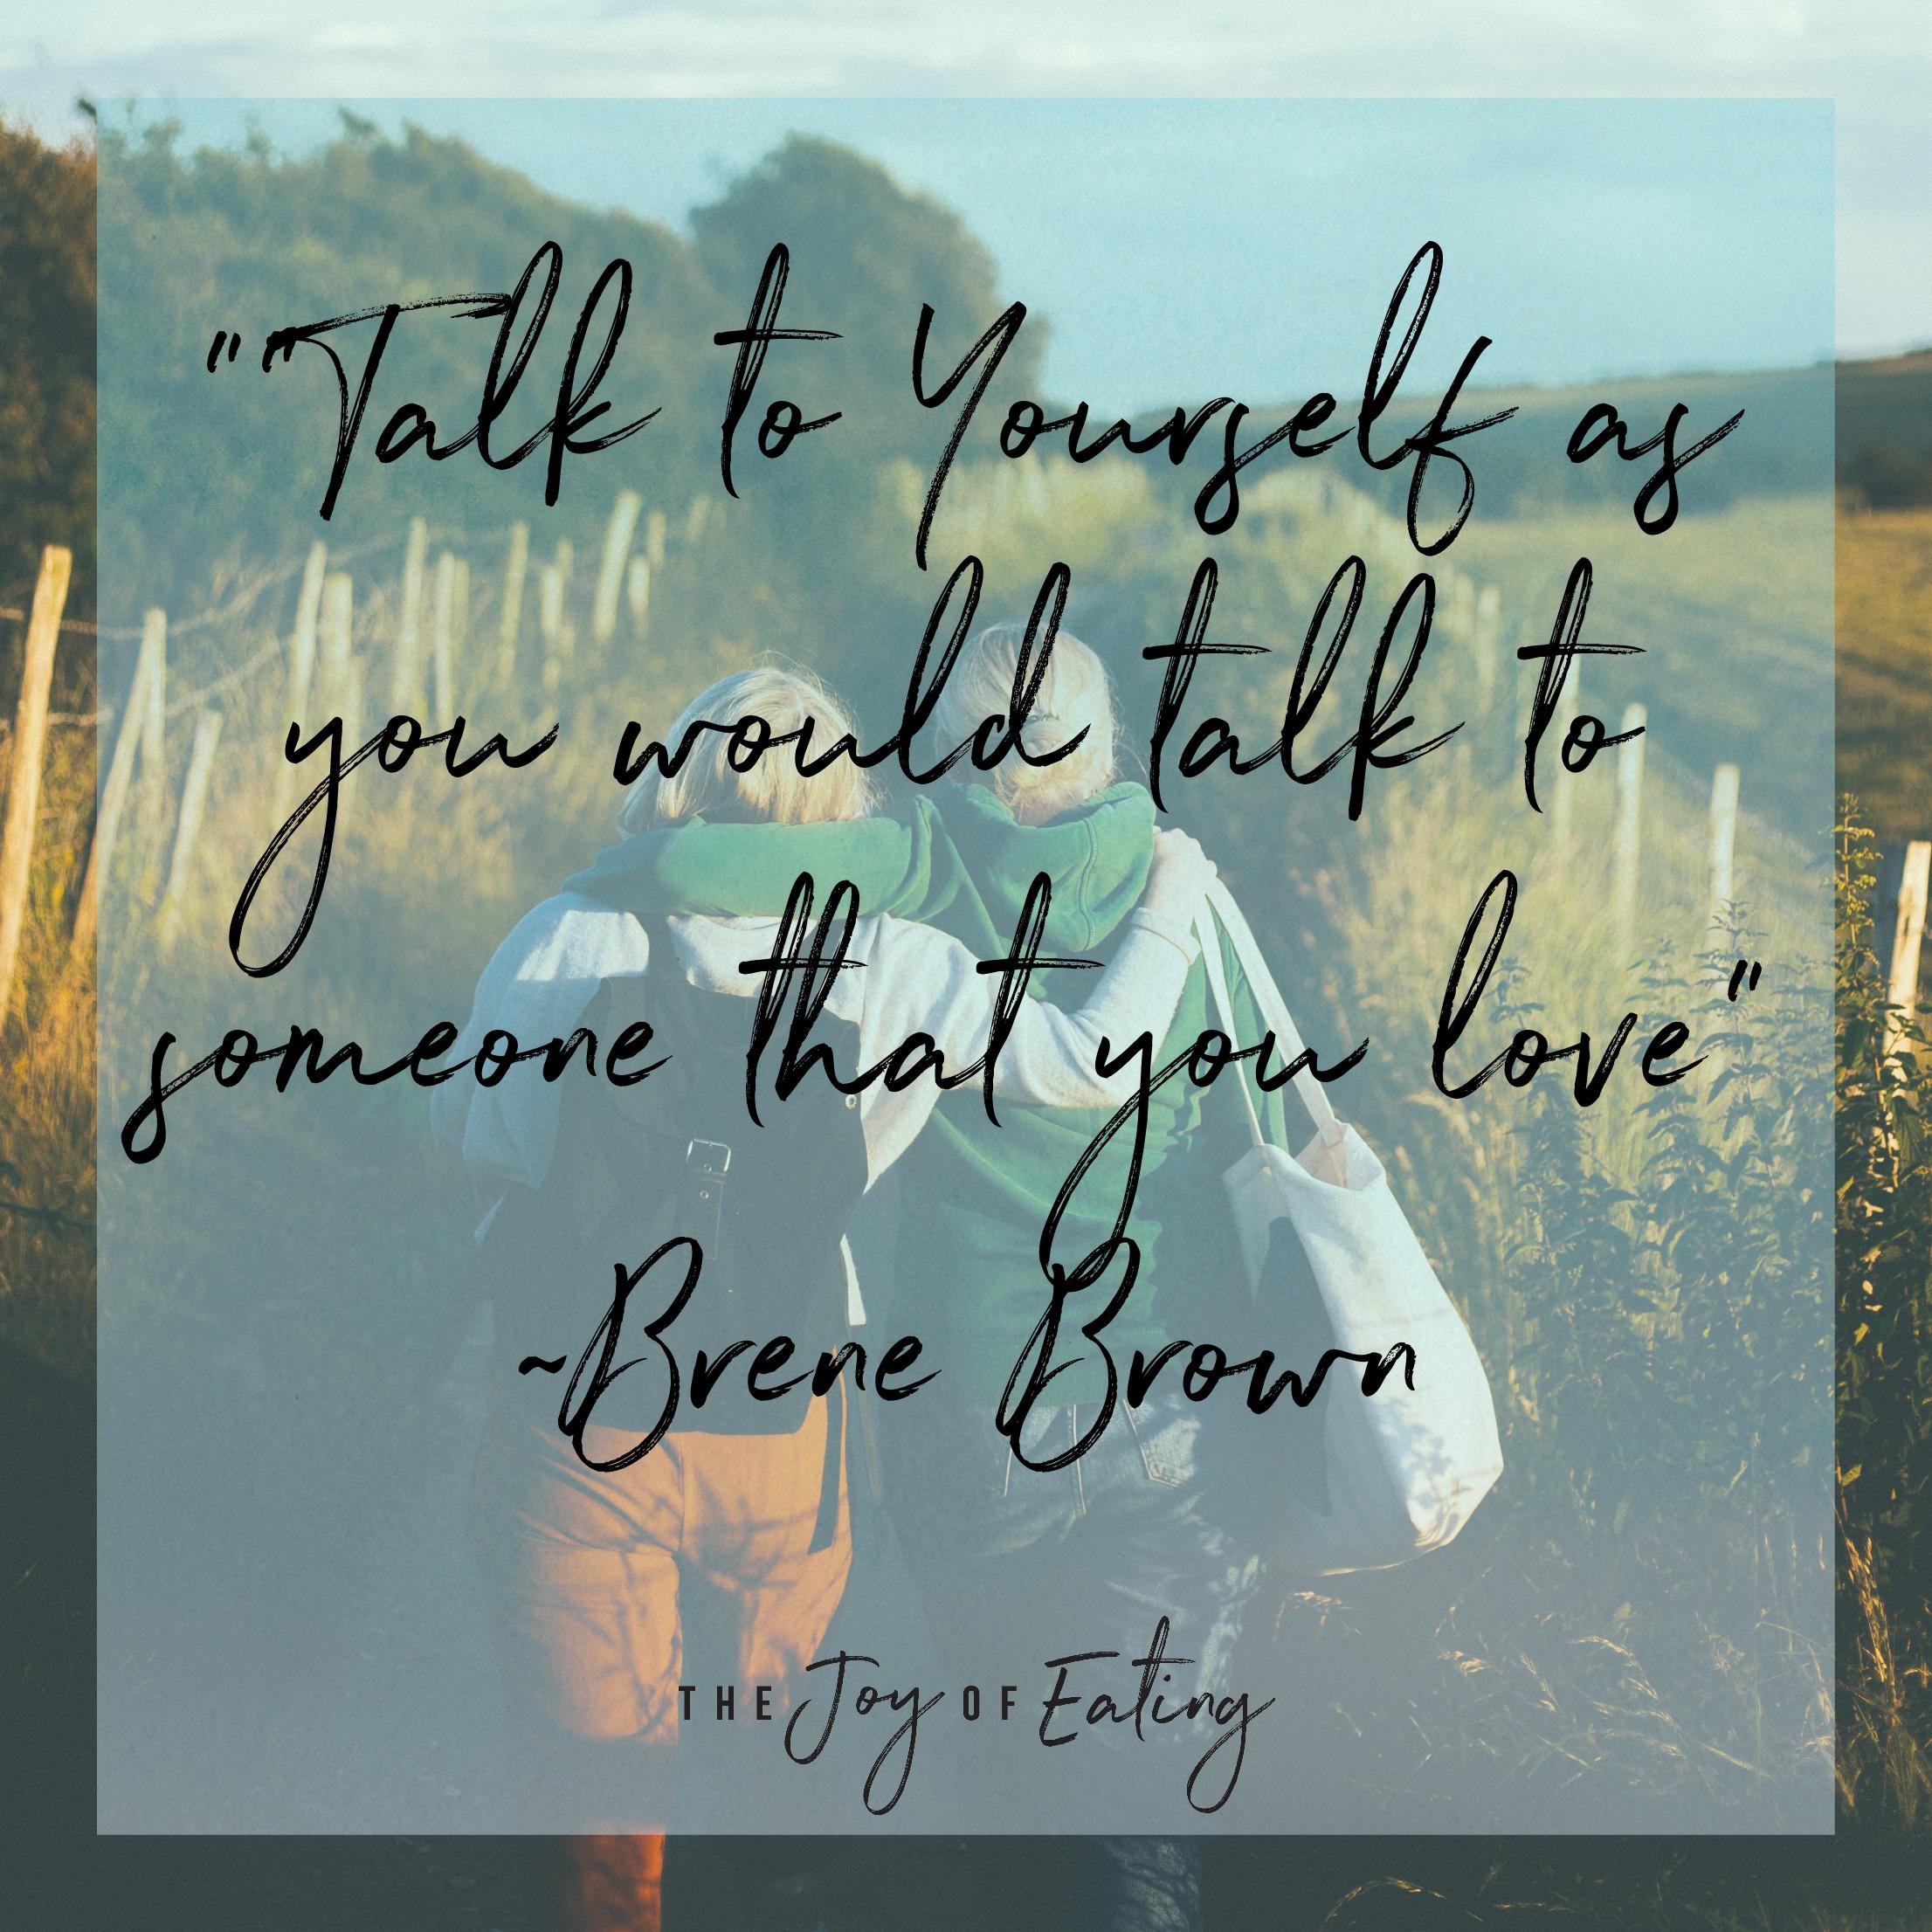 跟你谈谈你的爱和你的朋友一样。